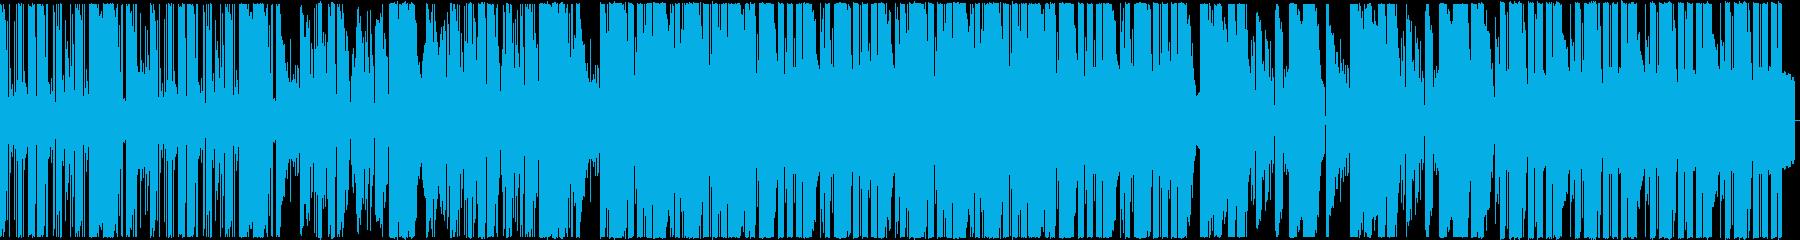 エレクトロでカッコいいダブステップの再生済みの波形